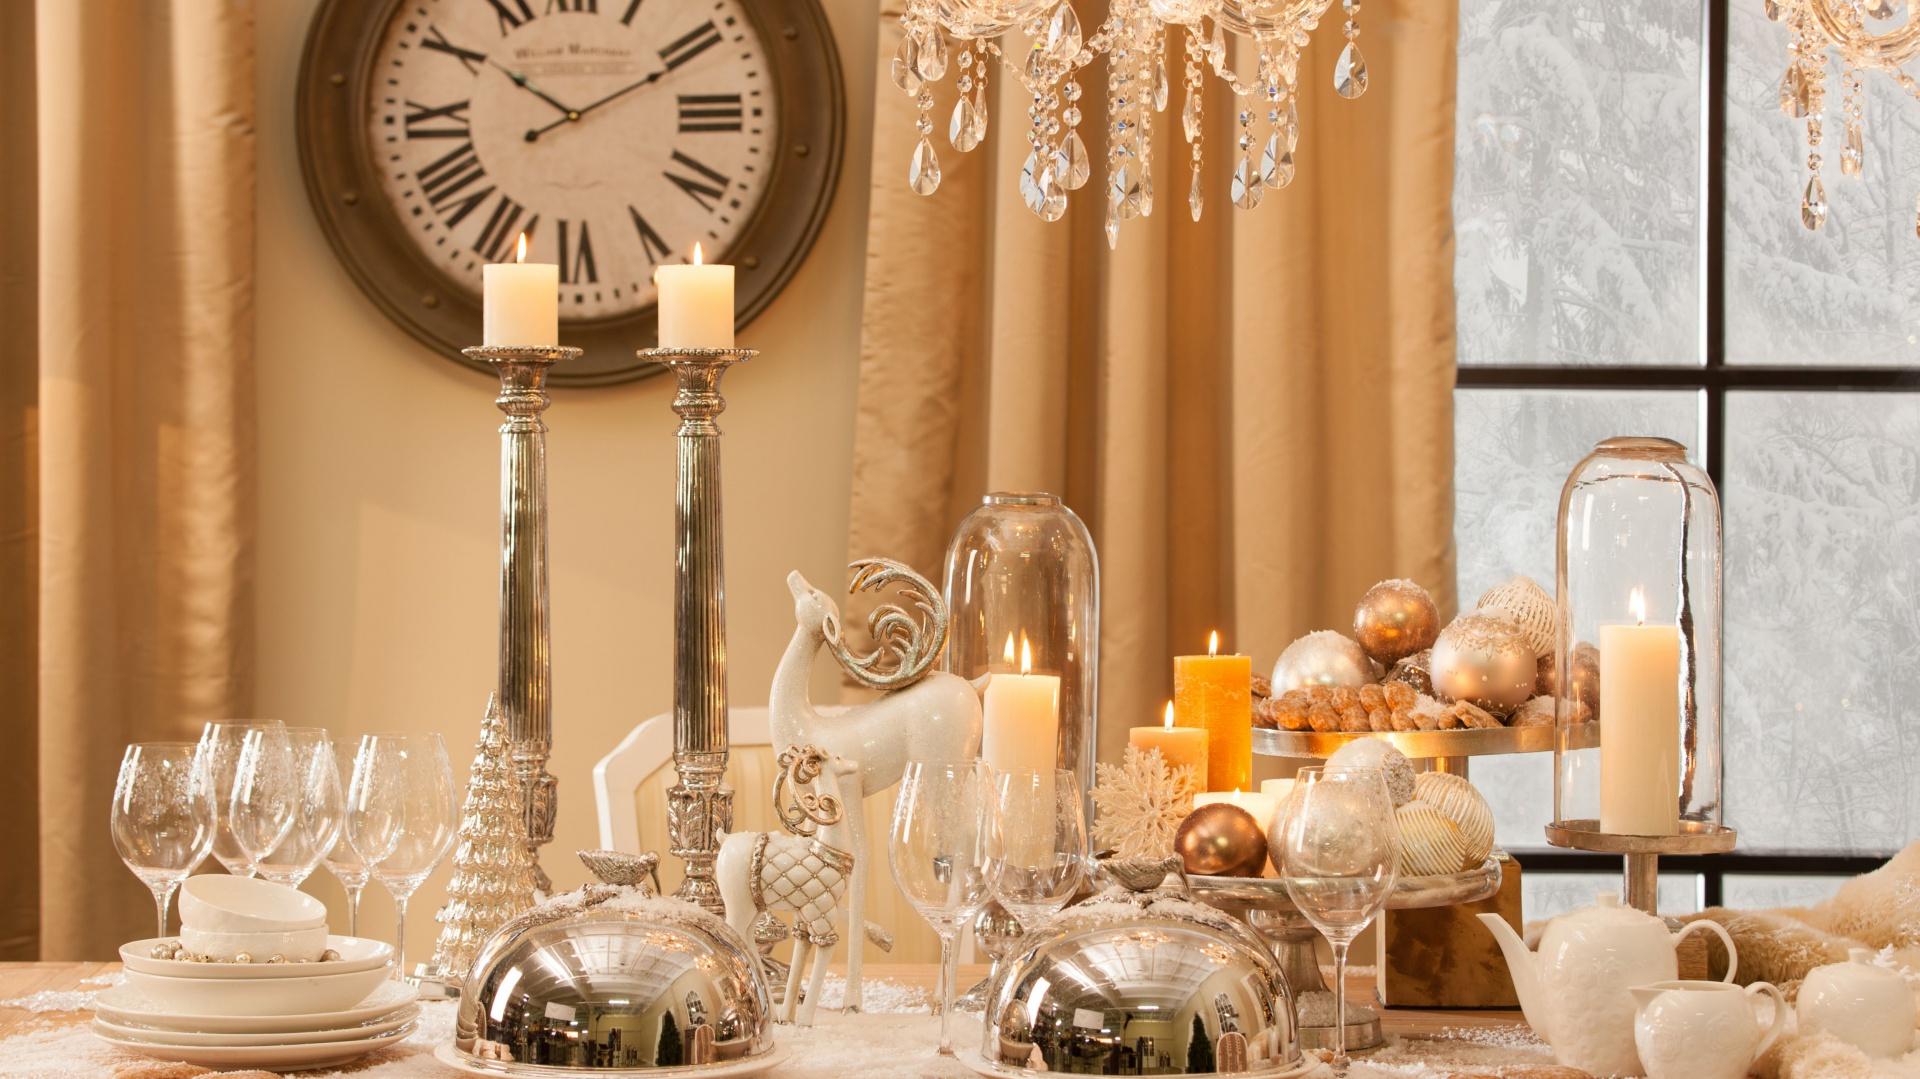 Piękny świąteczny stół, oprószony sztucznym śniegiem, udekorowany srebrnymi naczyniami. W samym centrum dumnie stoi piękna, biała figurka dumnego renifera. Obok - mniejsza kozica, w złotym